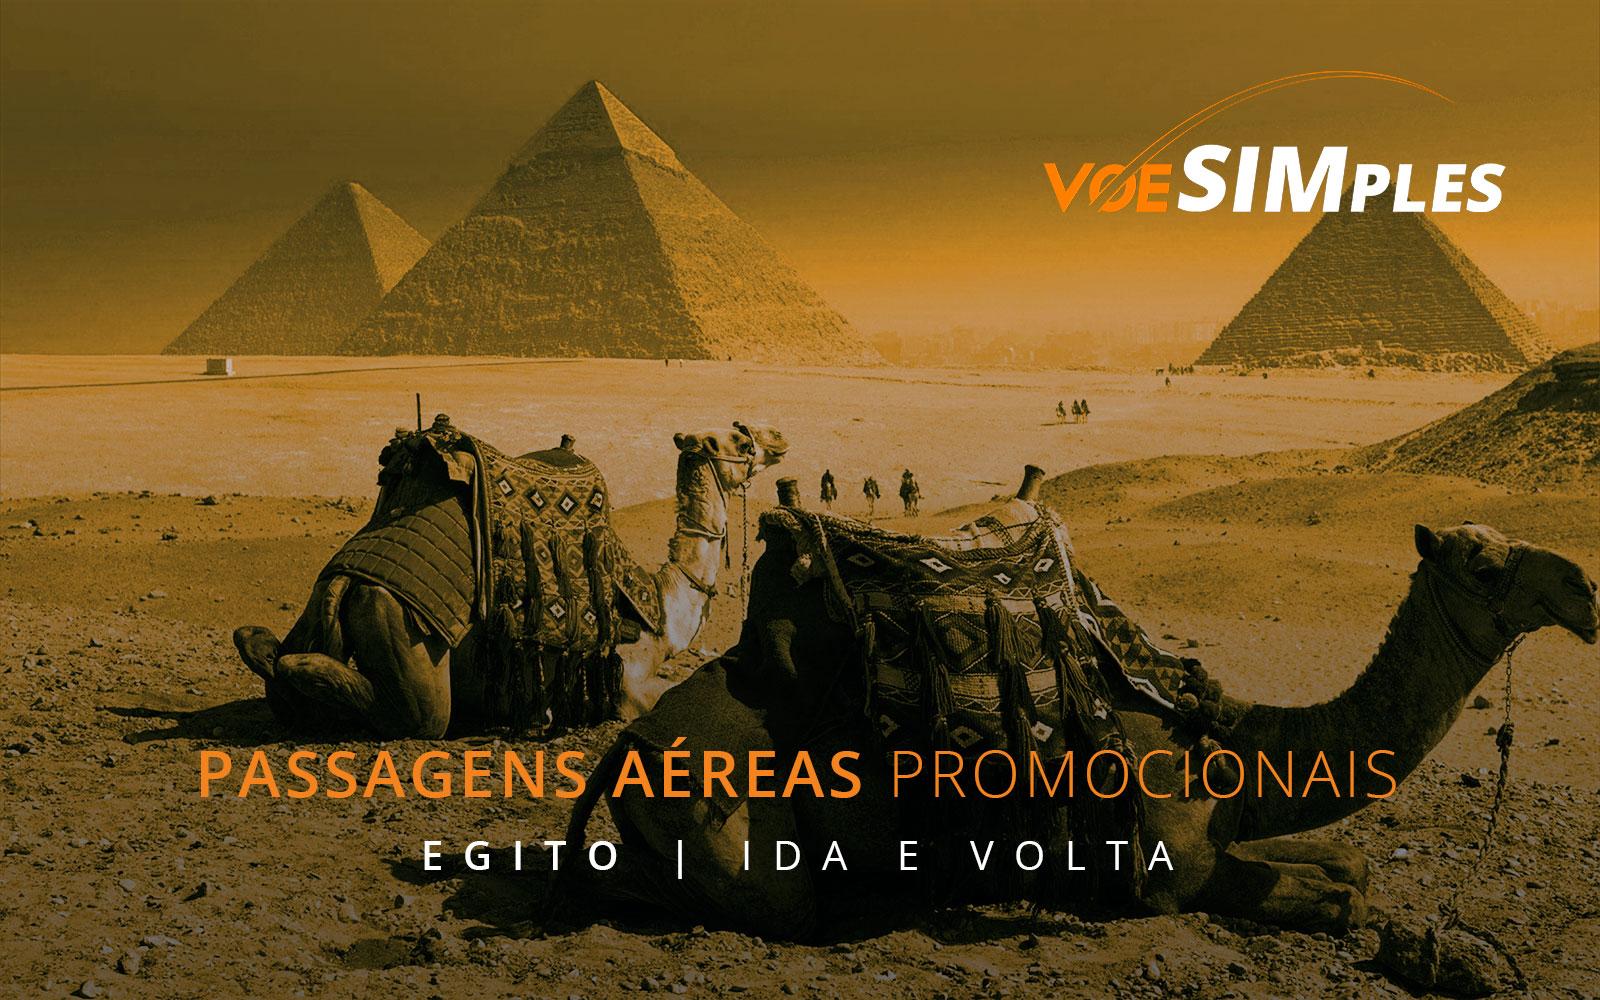 Passagens aéreas promocionais para o Egito